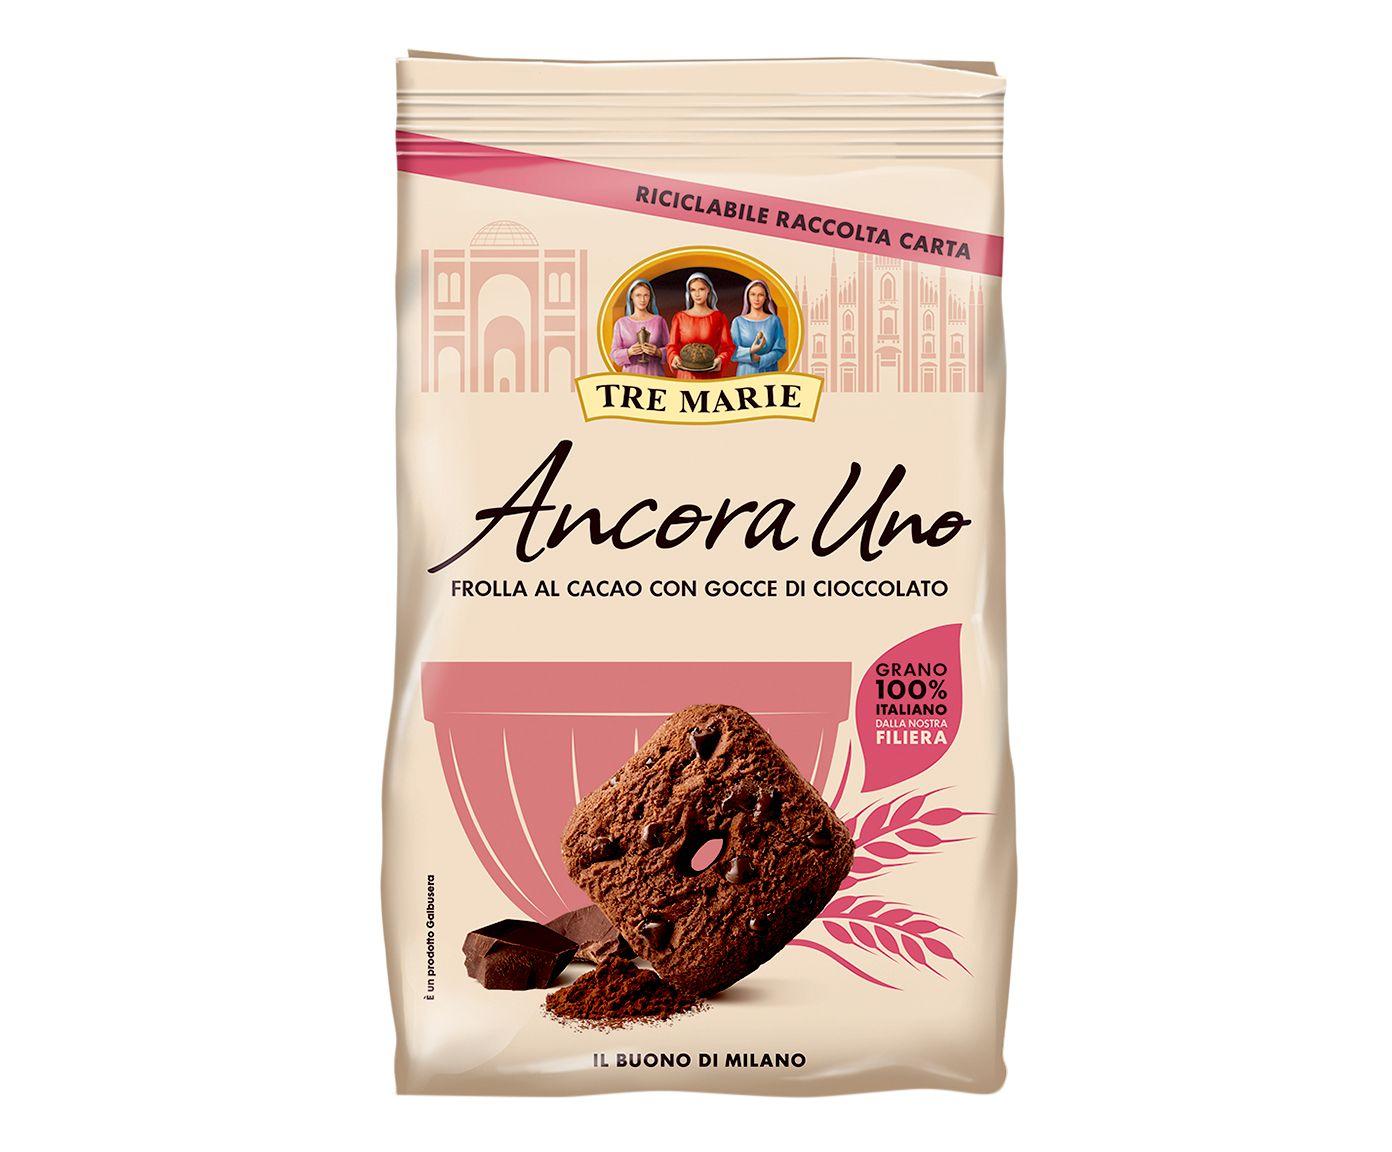 Biscoito de Cacau com Gotas de Chocolate Ancora Uno - 300G | Westwing.com.br